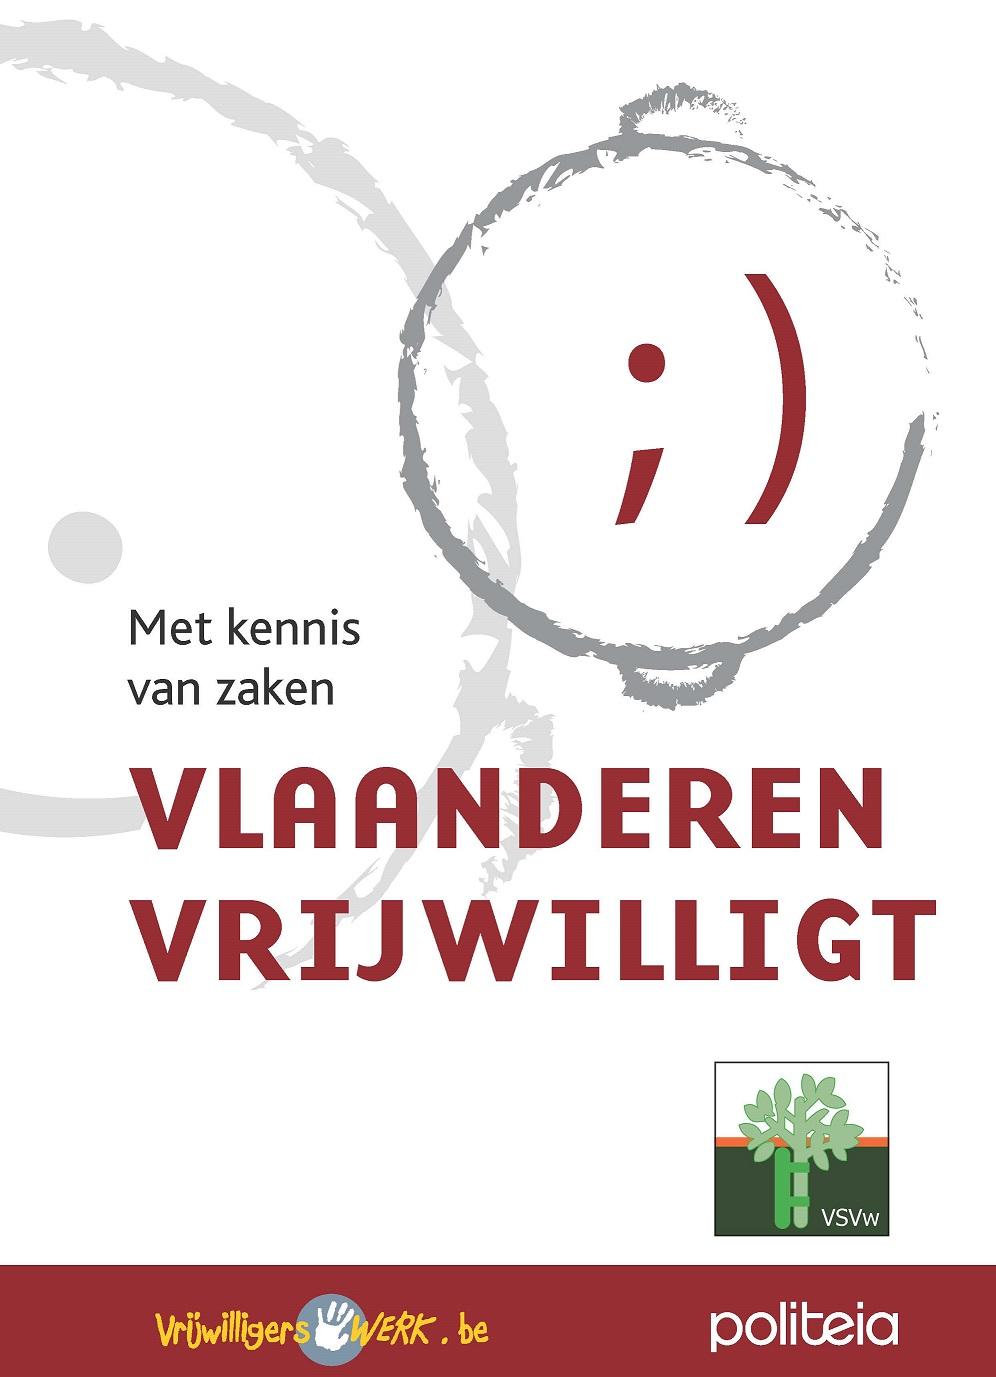 Vlaanderen vrijwilligt